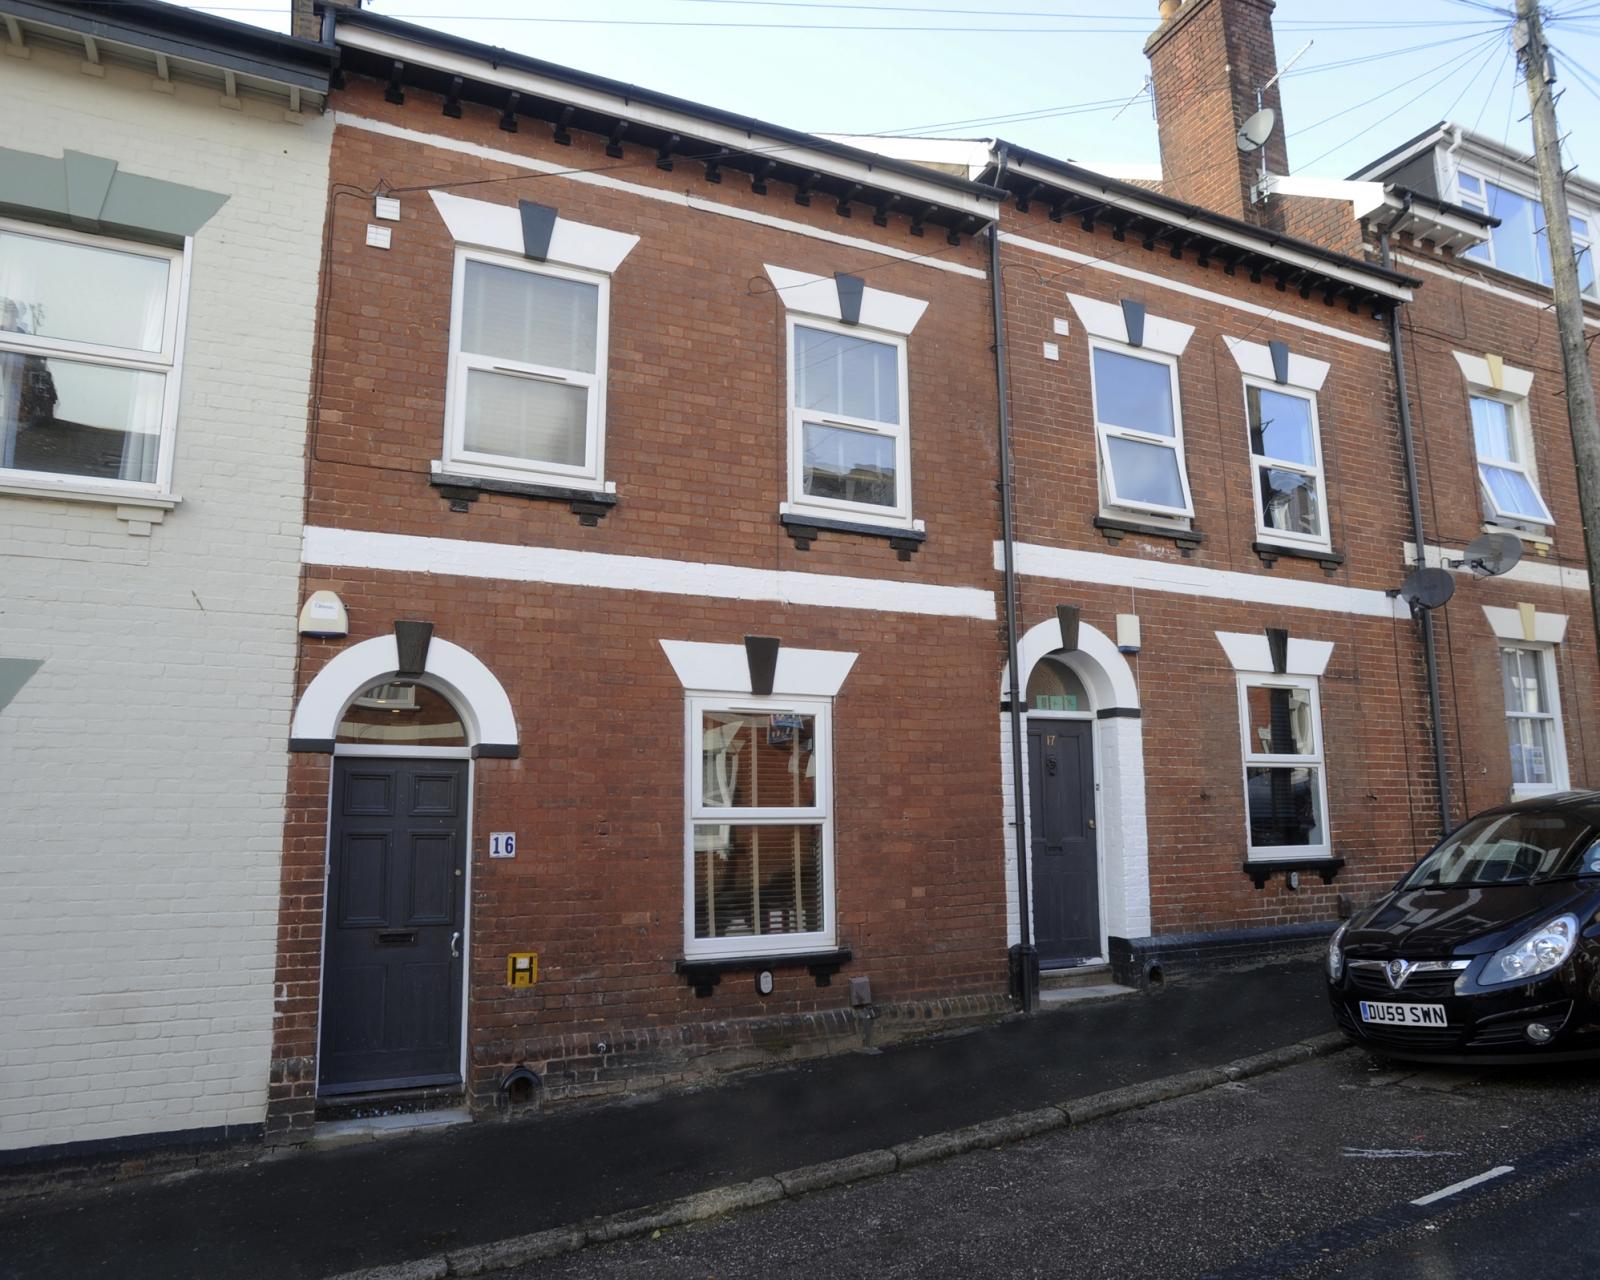 17 Victoria Street, Exeter